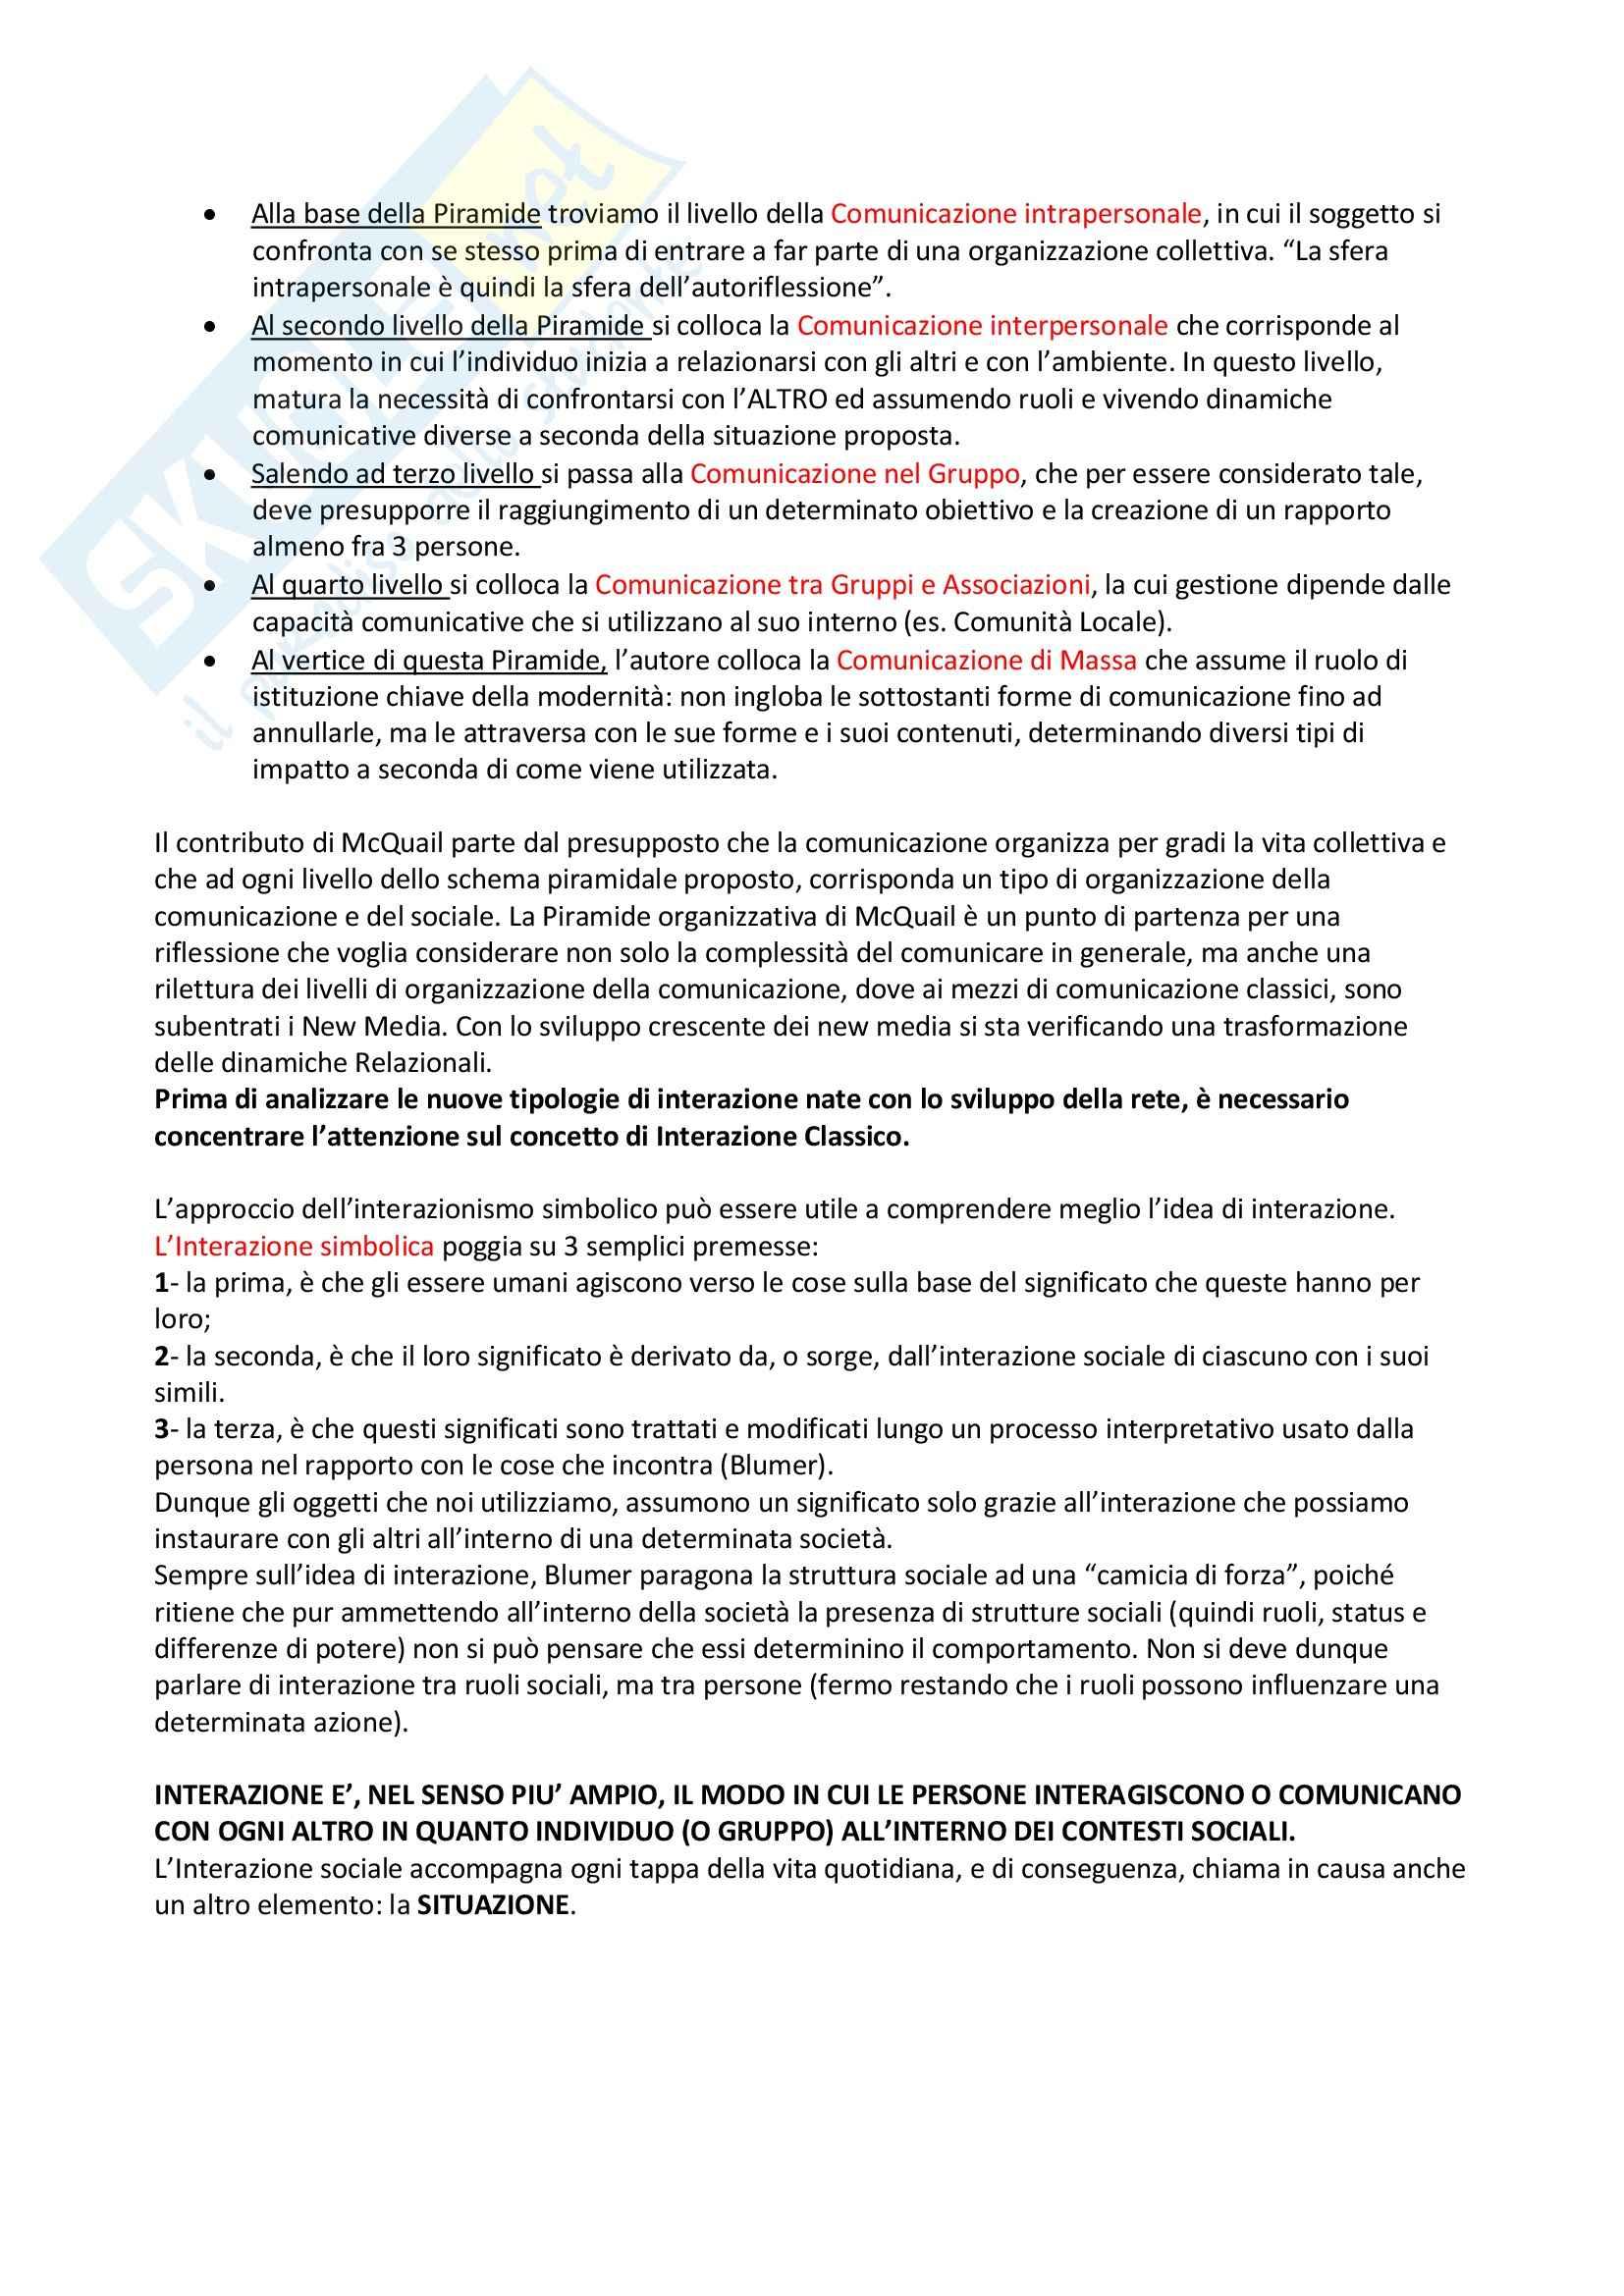 Riassunto esame Sociologia della comunicazione, prof. Centorrino, libro consigliato Società, relazione e nuove tecnologie, Romeo Pag. 2